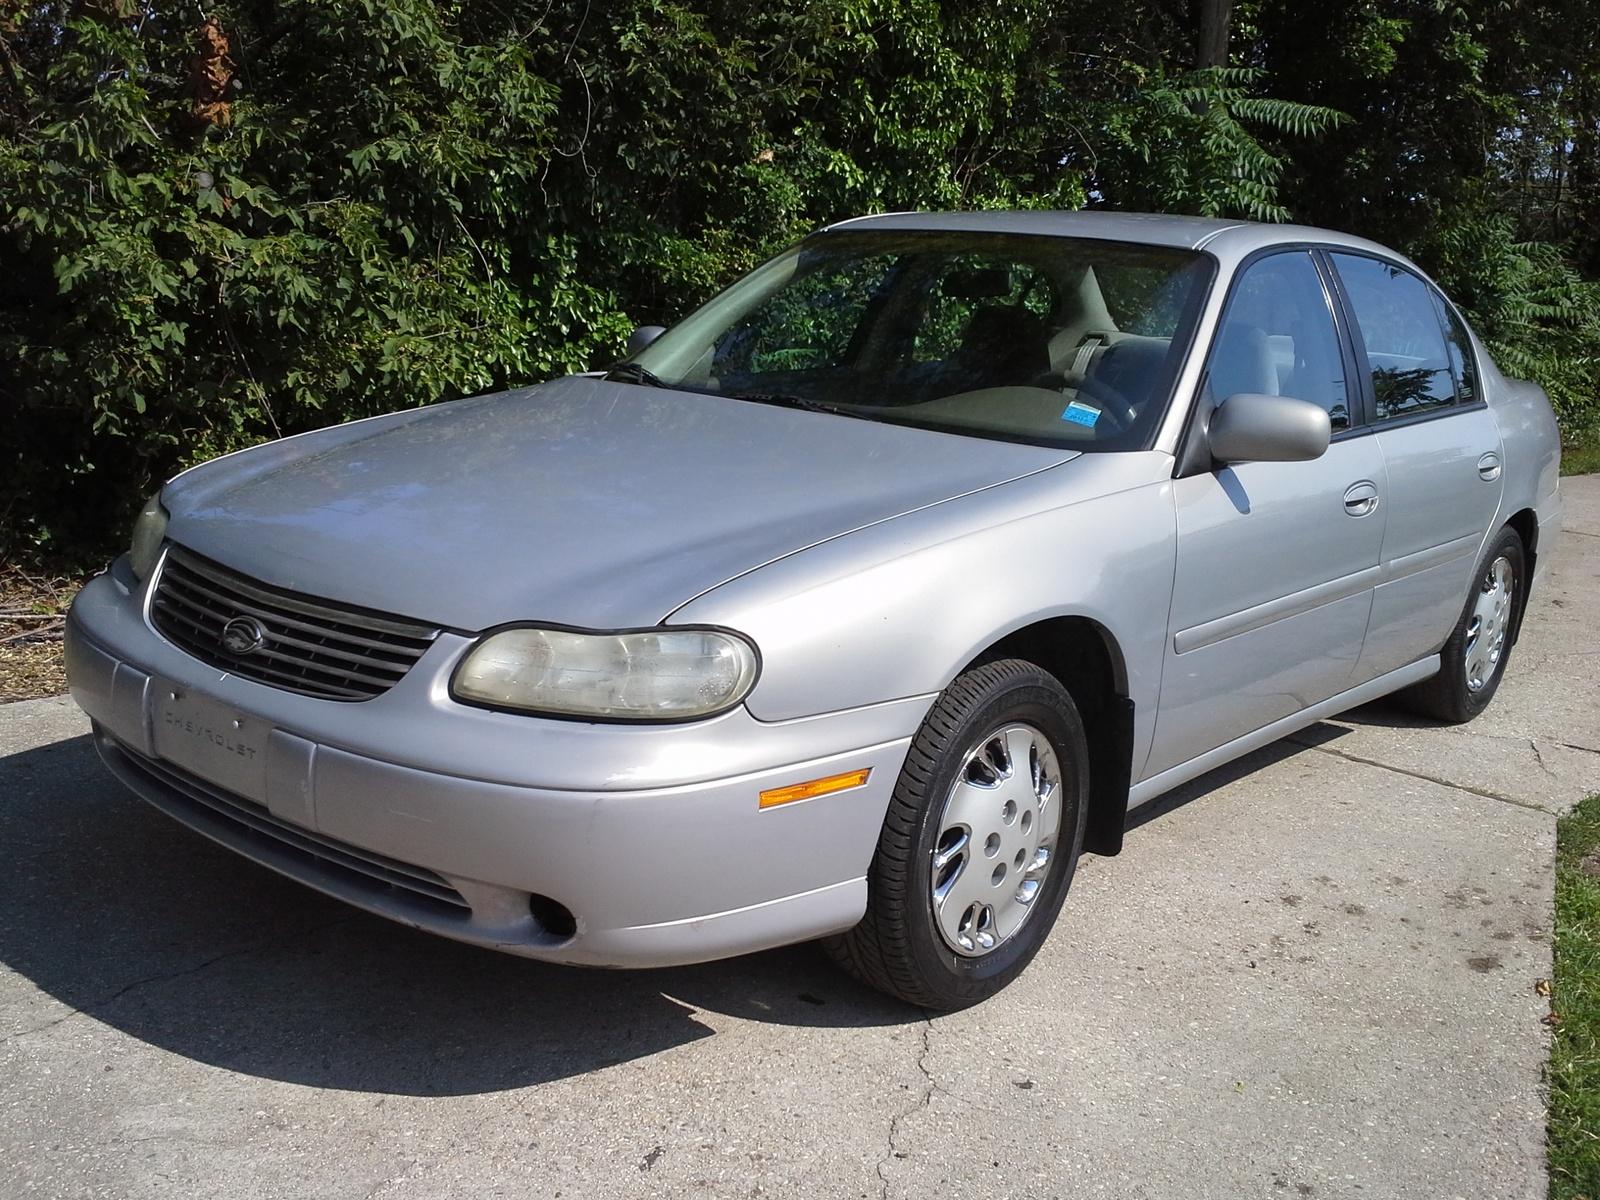 1997 Chevrolet Malibu Pictures Cargurus